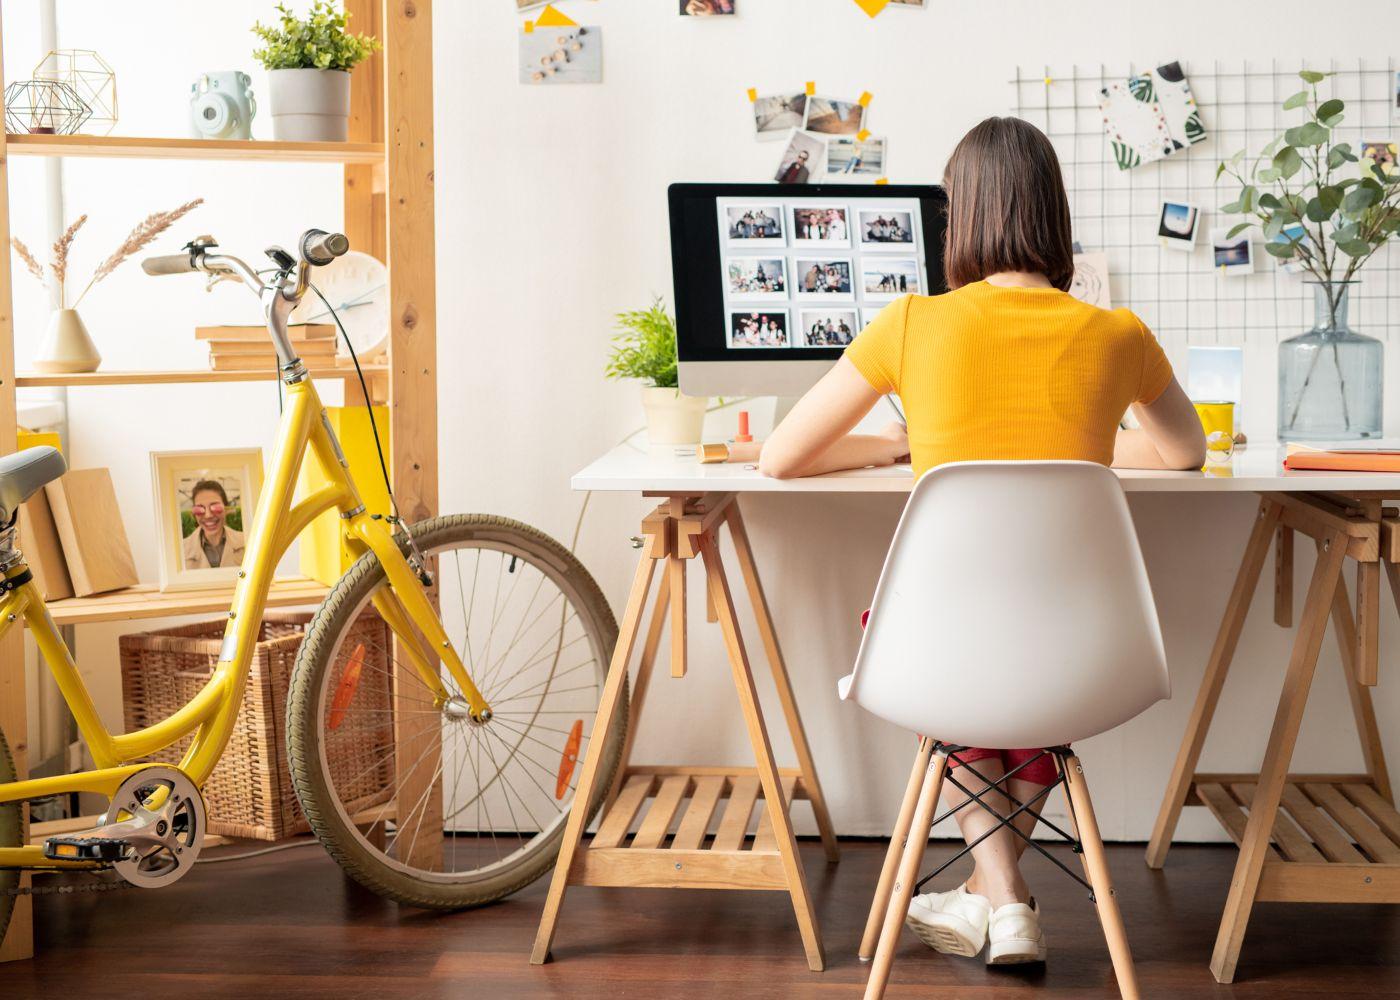 pessoa em trabalho como freelancer em casa